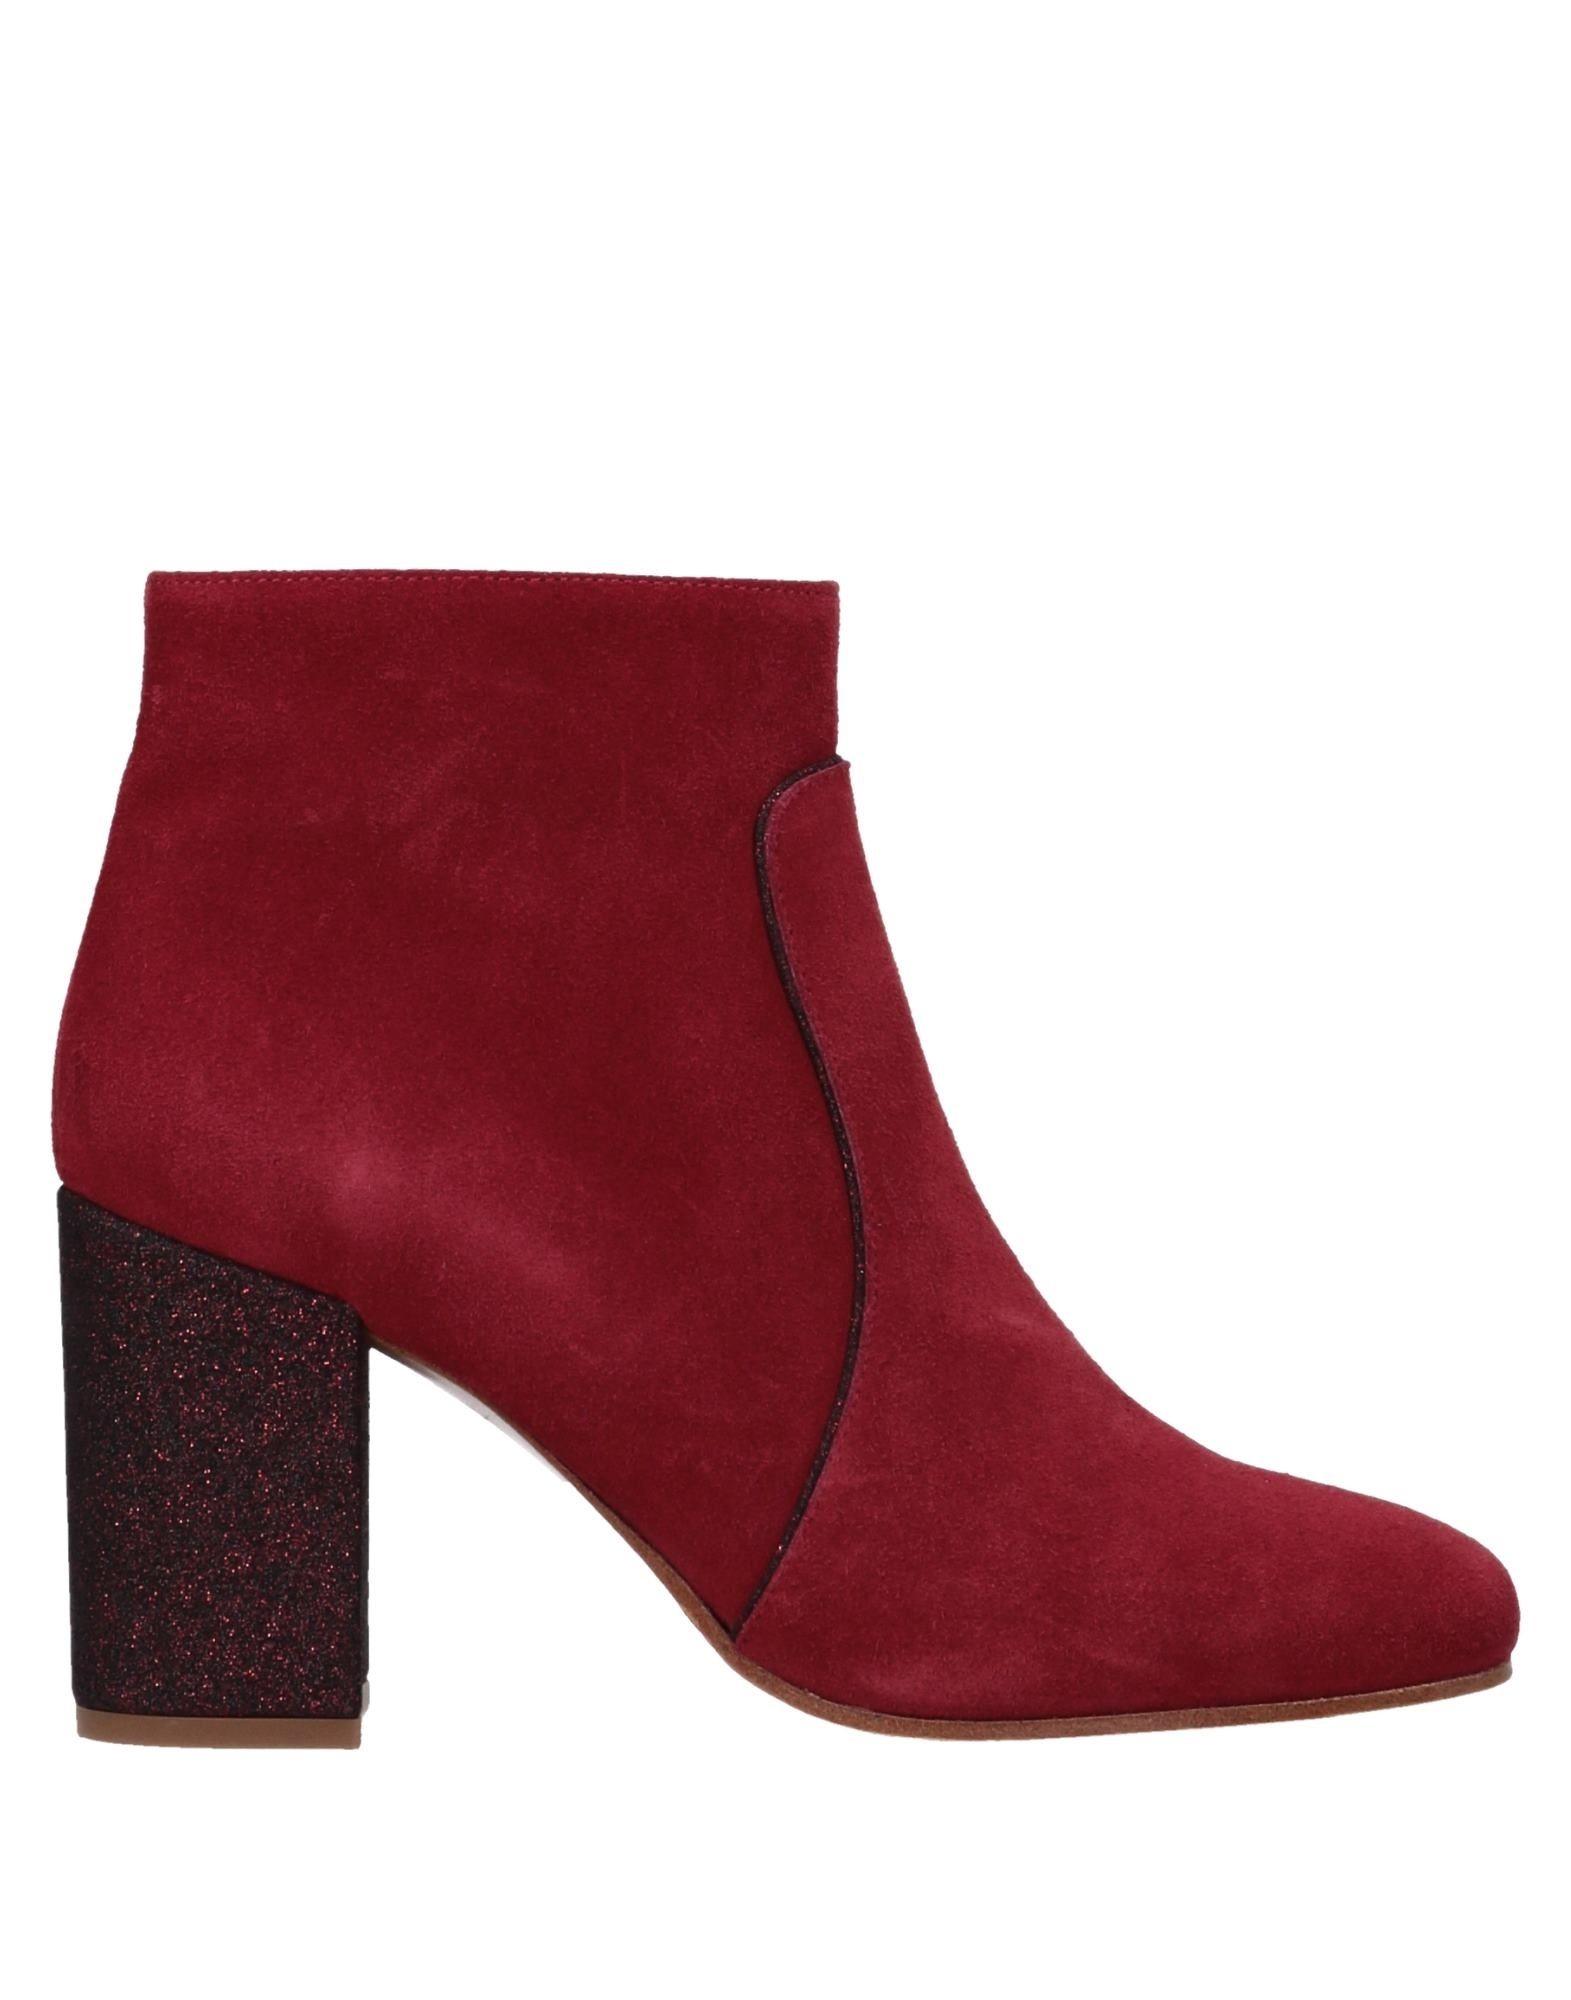 Sessun Stiefelette Damen  11535241RLGut aussehende strapazierfähige Schuhe